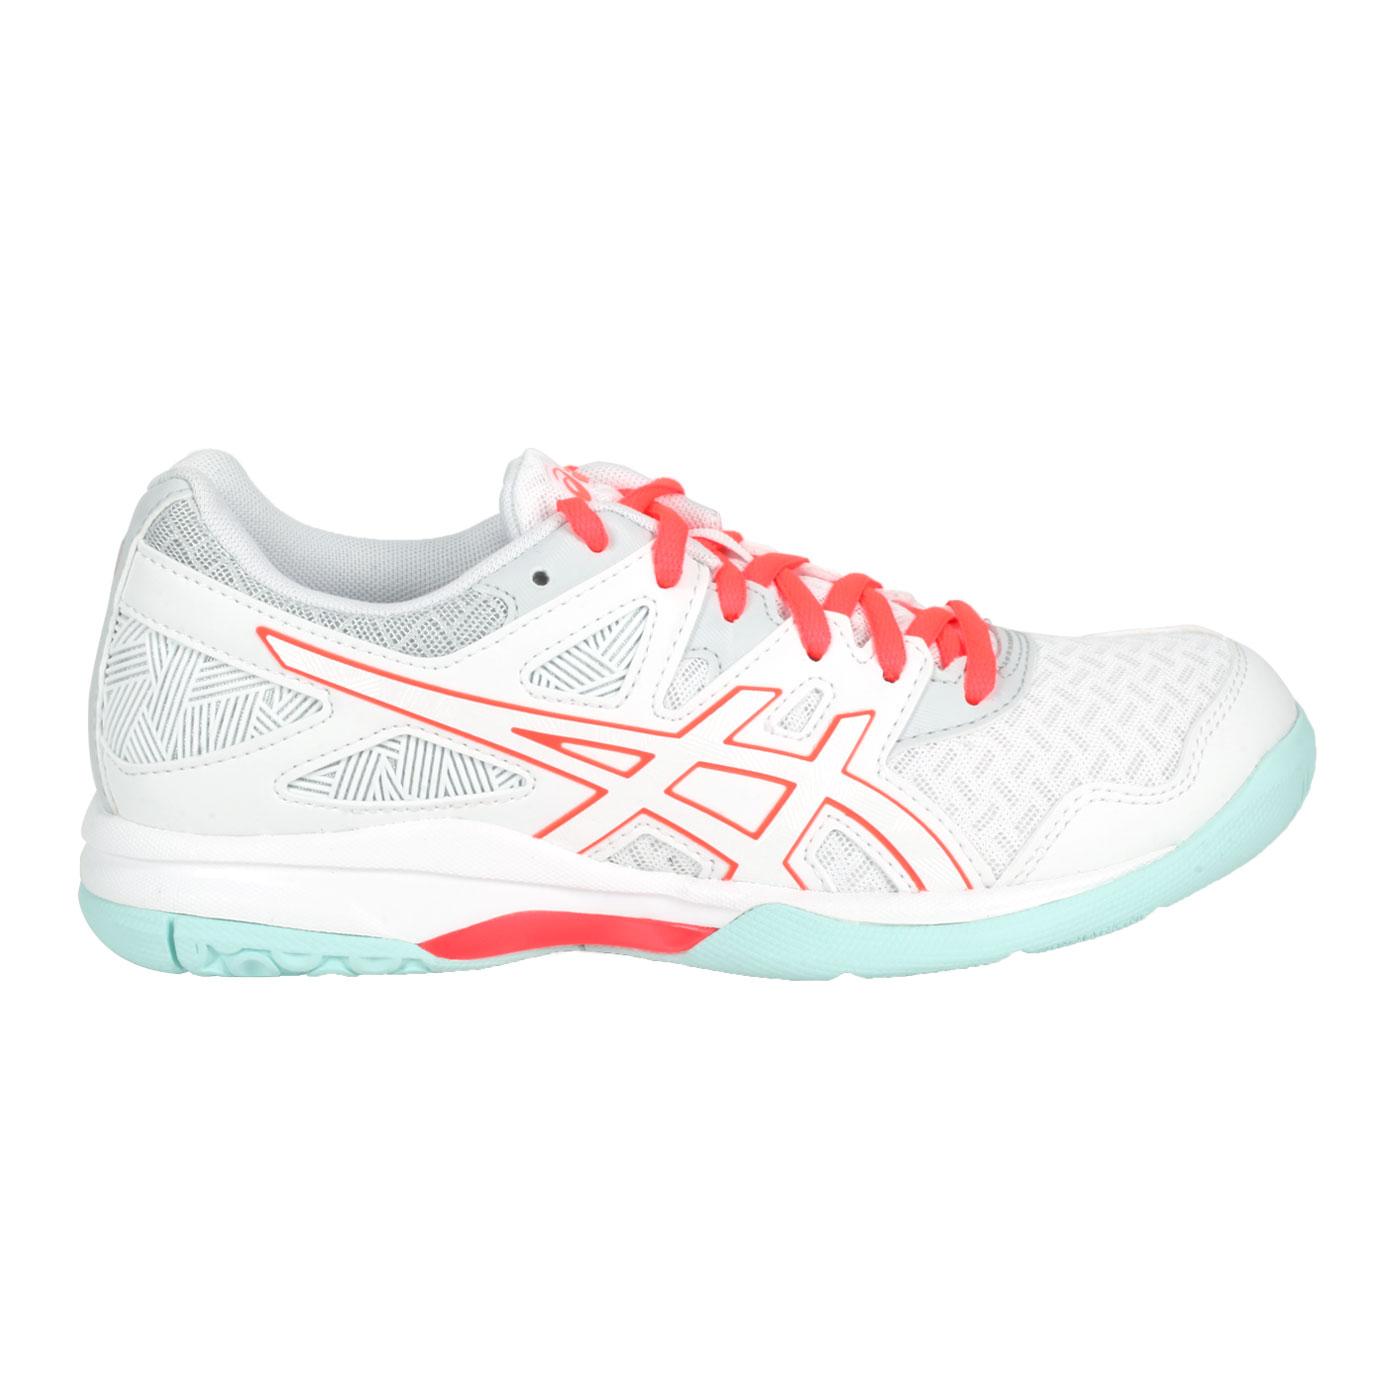 ASICS 女款排羽球鞋  @GEL-TASK 2@1072A038-960 - 白亮粉淺綠